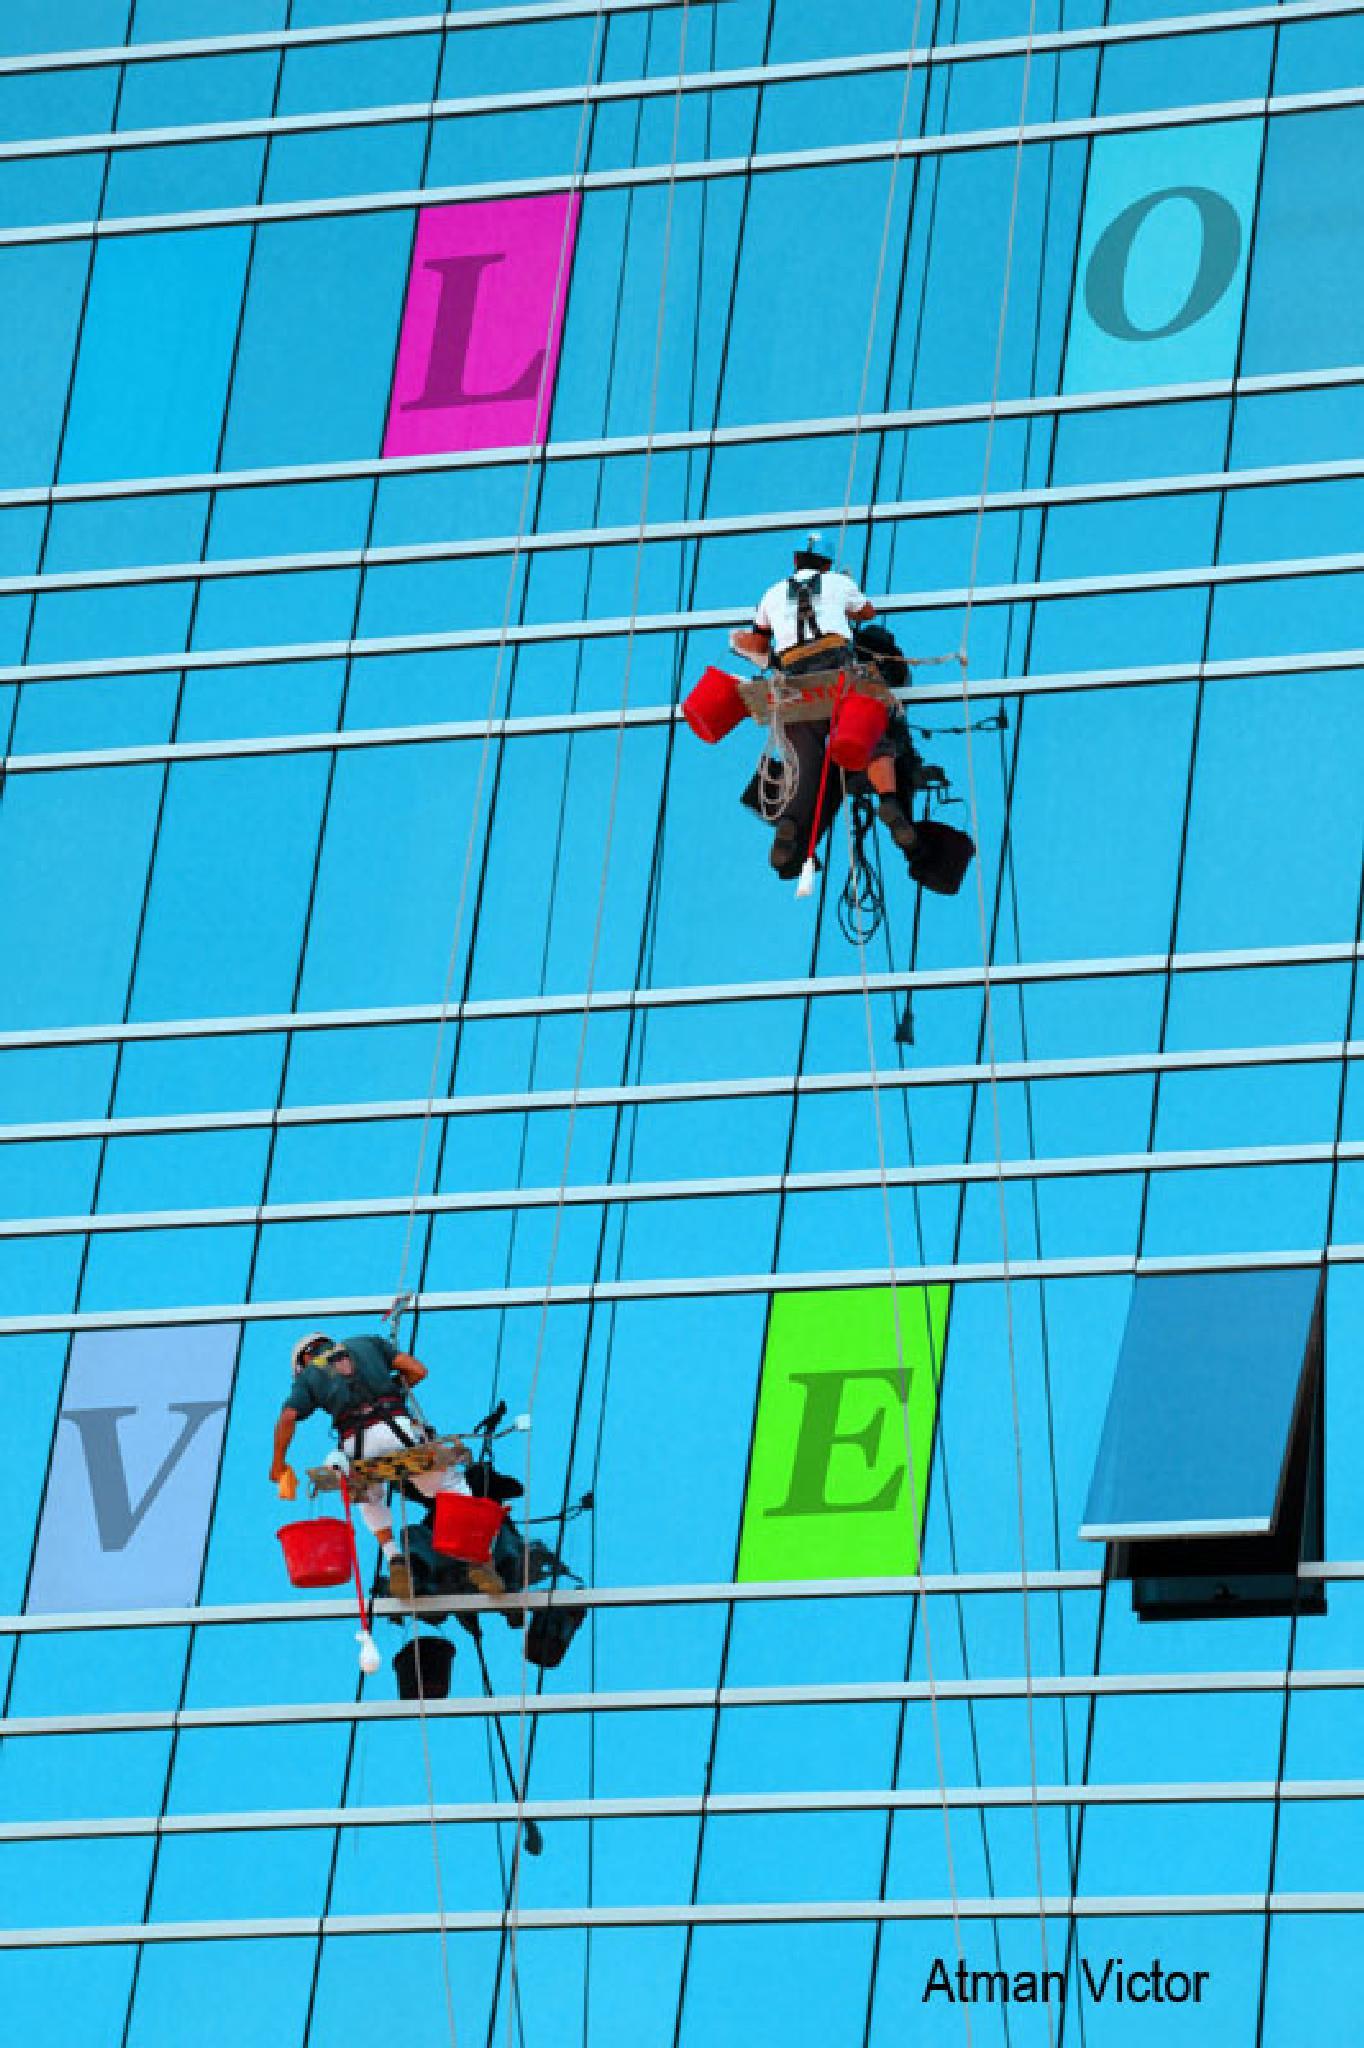 L O V E  by Atman Victor